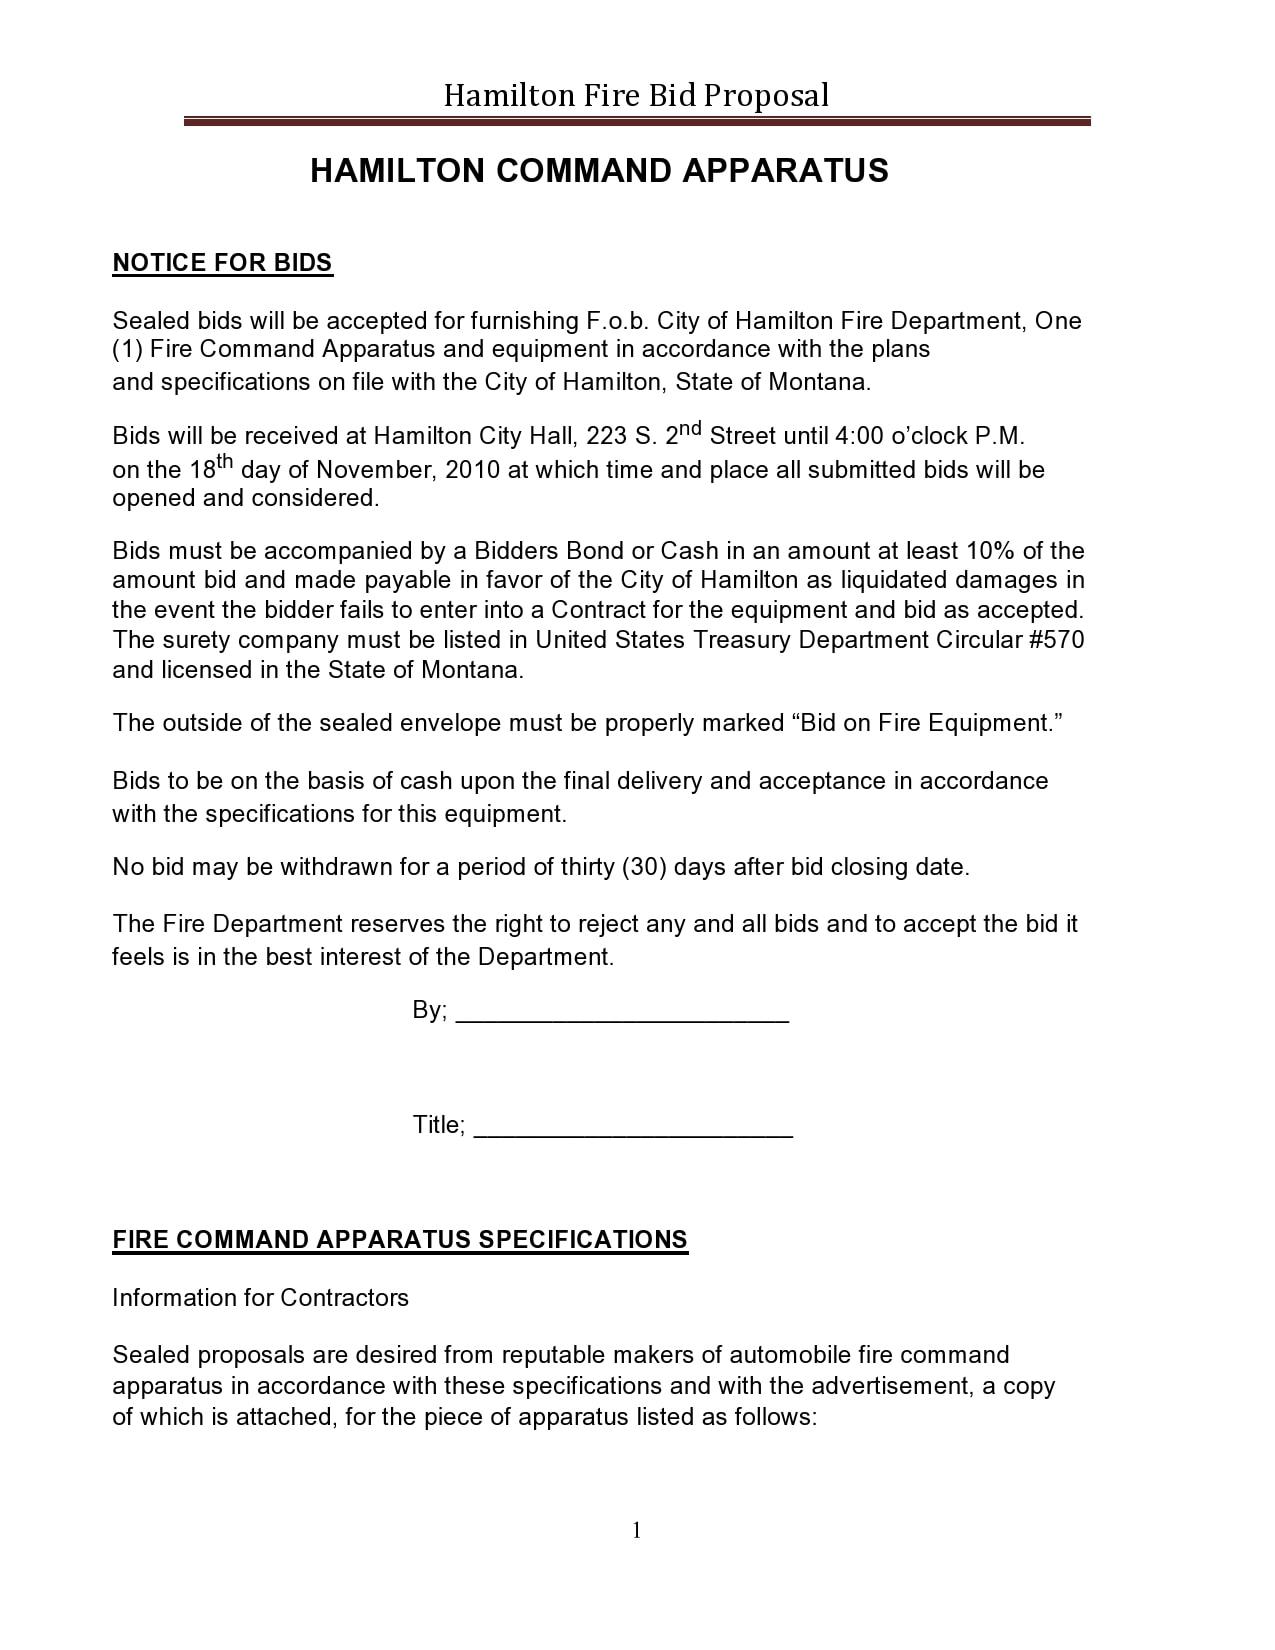 bid proposal 23